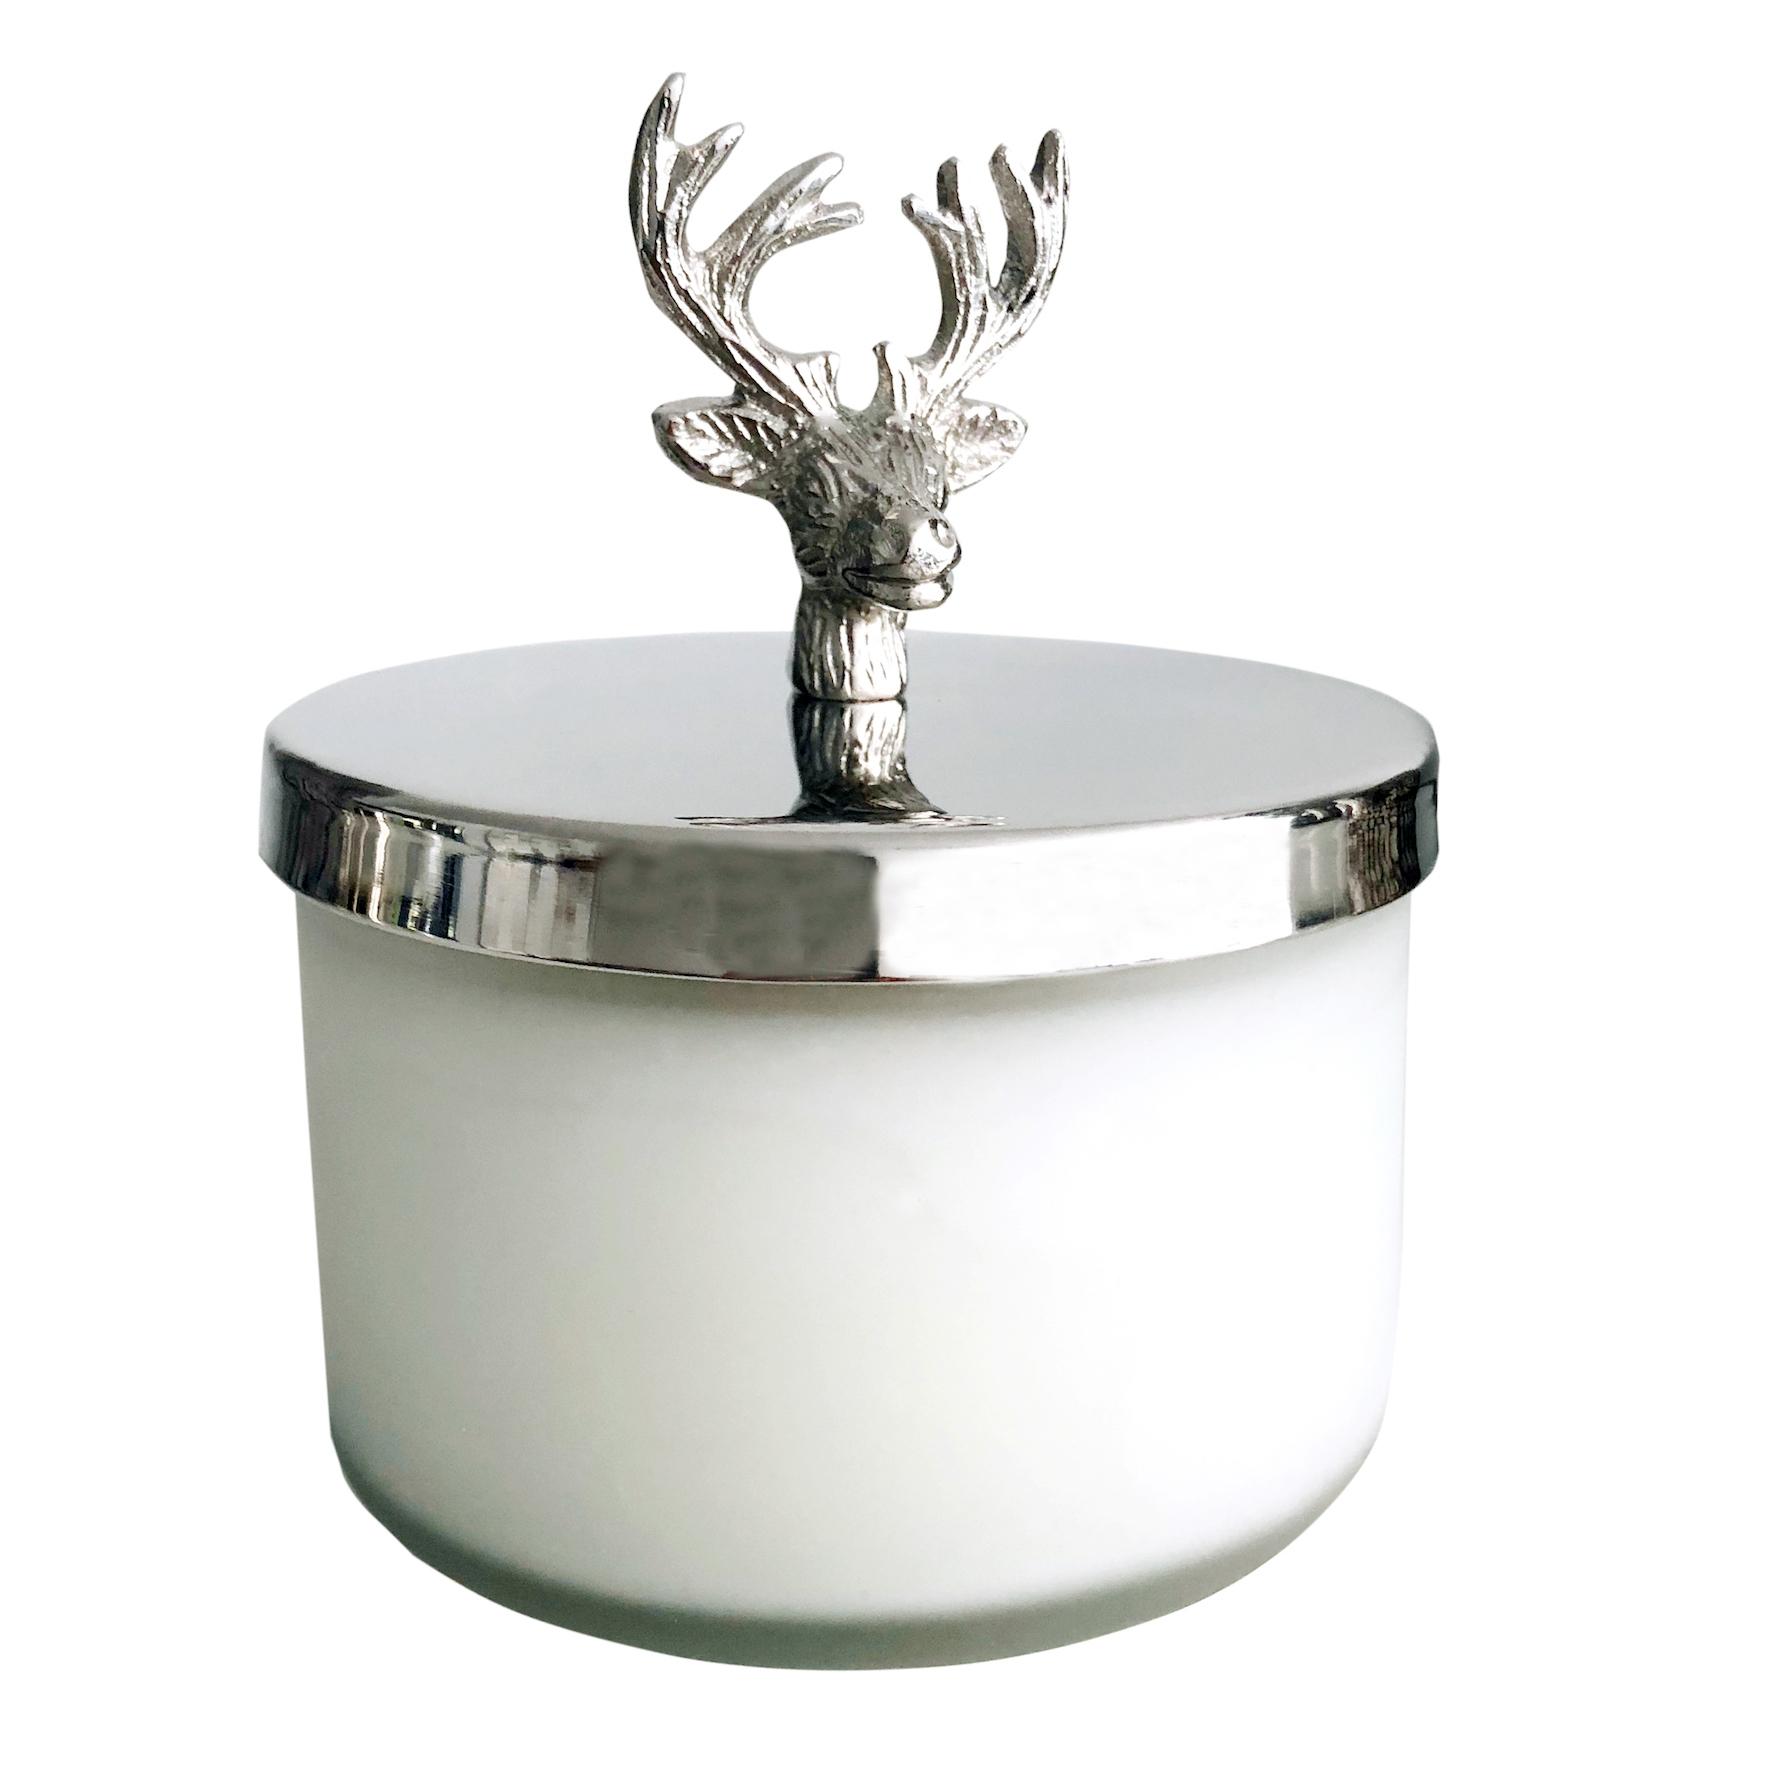 edle duftkerze im glas mit deckel hirsch hirschgeweih silber duft vanille flourou luxury. Black Bedroom Furniture Sets. Home Design Ideas